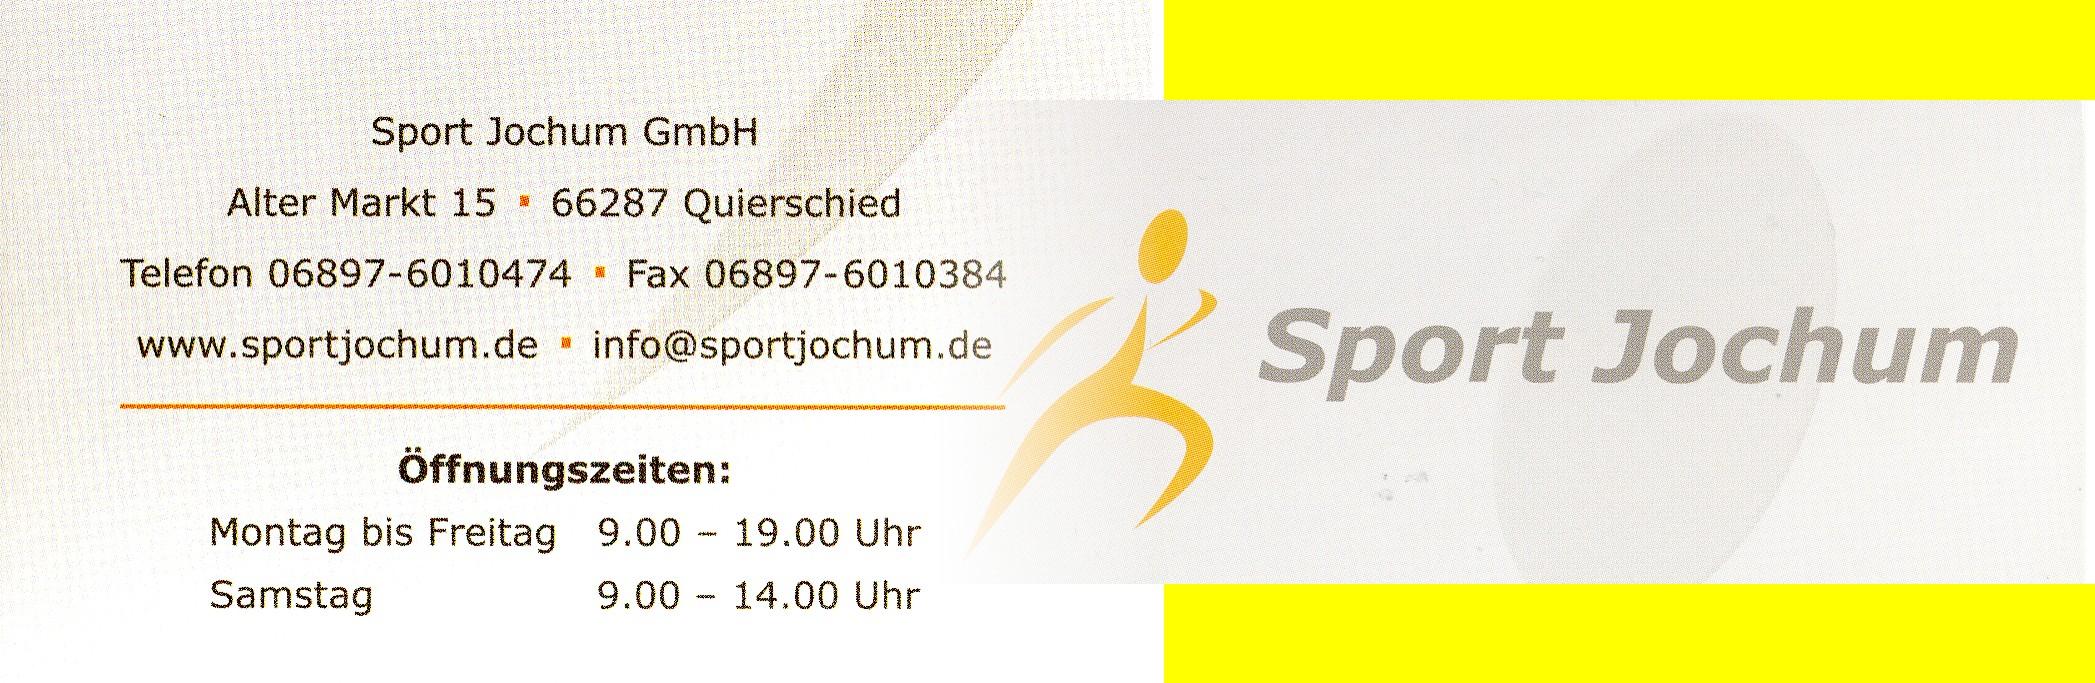 logo-sport-jochum